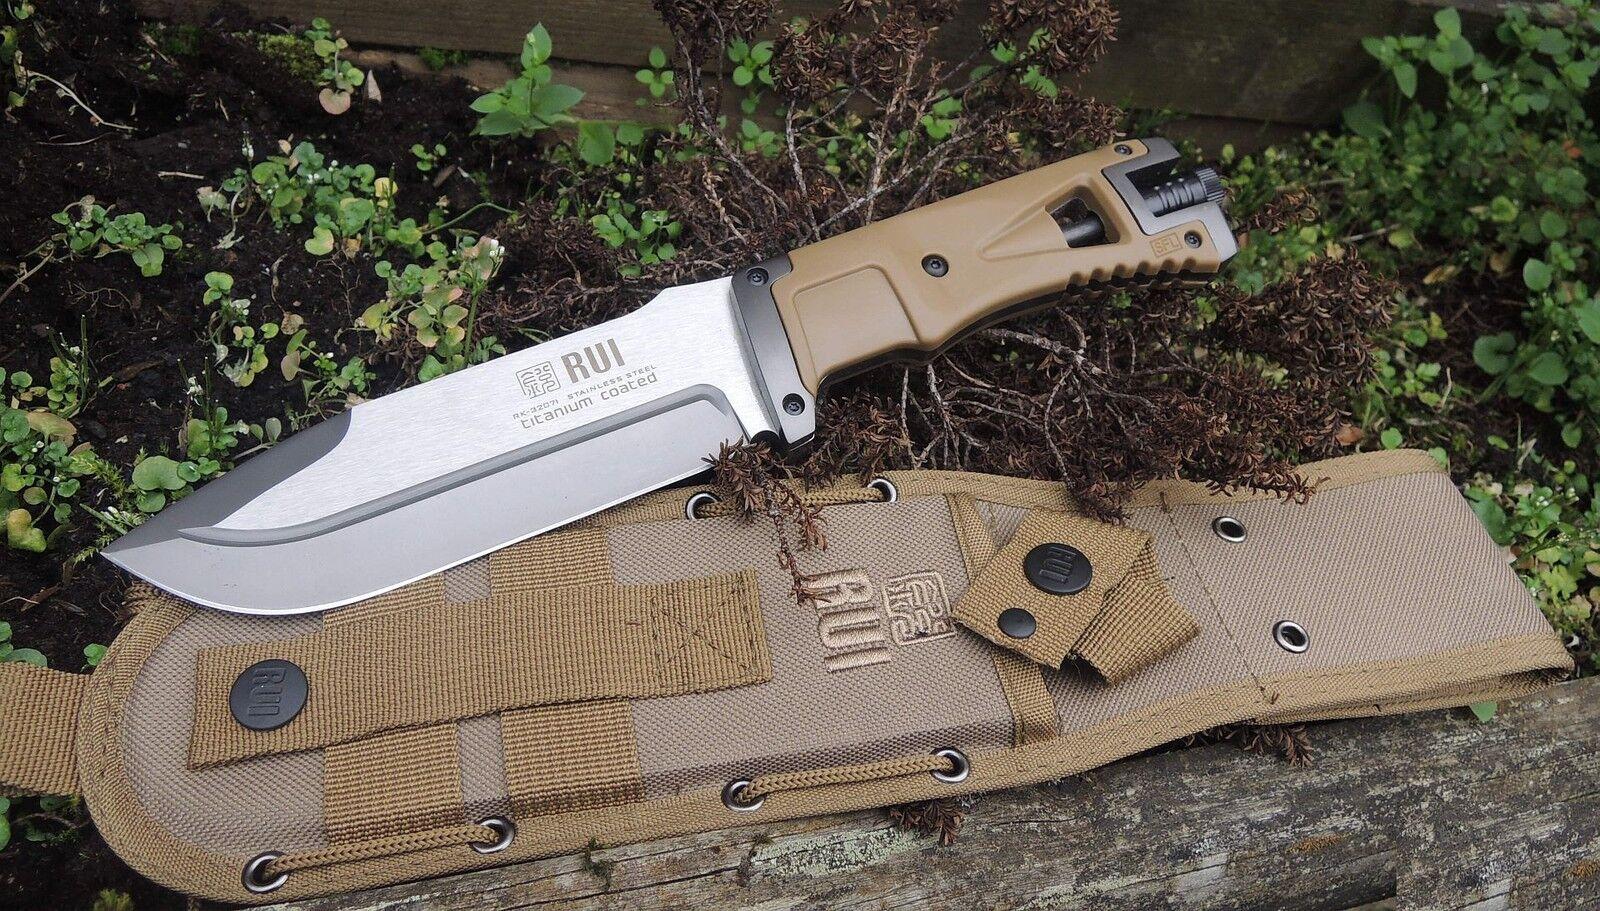 RUI Messer Fahrtenmesser Outdoormesser 440 Stahl Nylonscheide+Feuerstarter 32071 32071 32071 616ecb